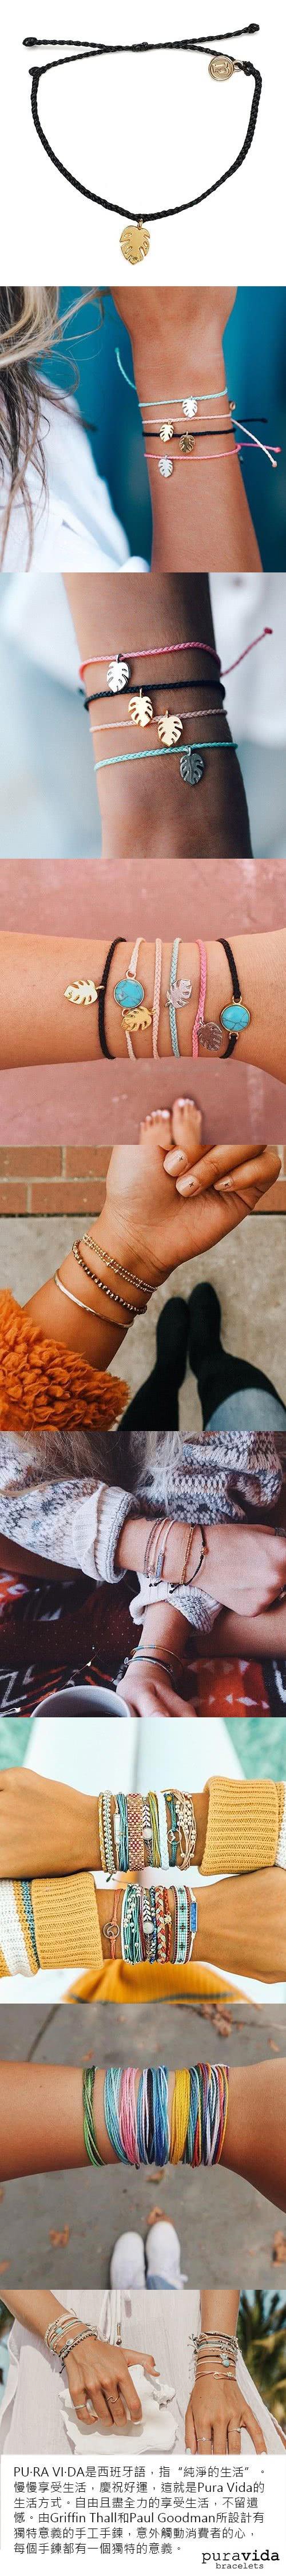 (複製)Pura Vida 美國手工 青光石長形墜飾 白色臘線衝浪手鍊手環